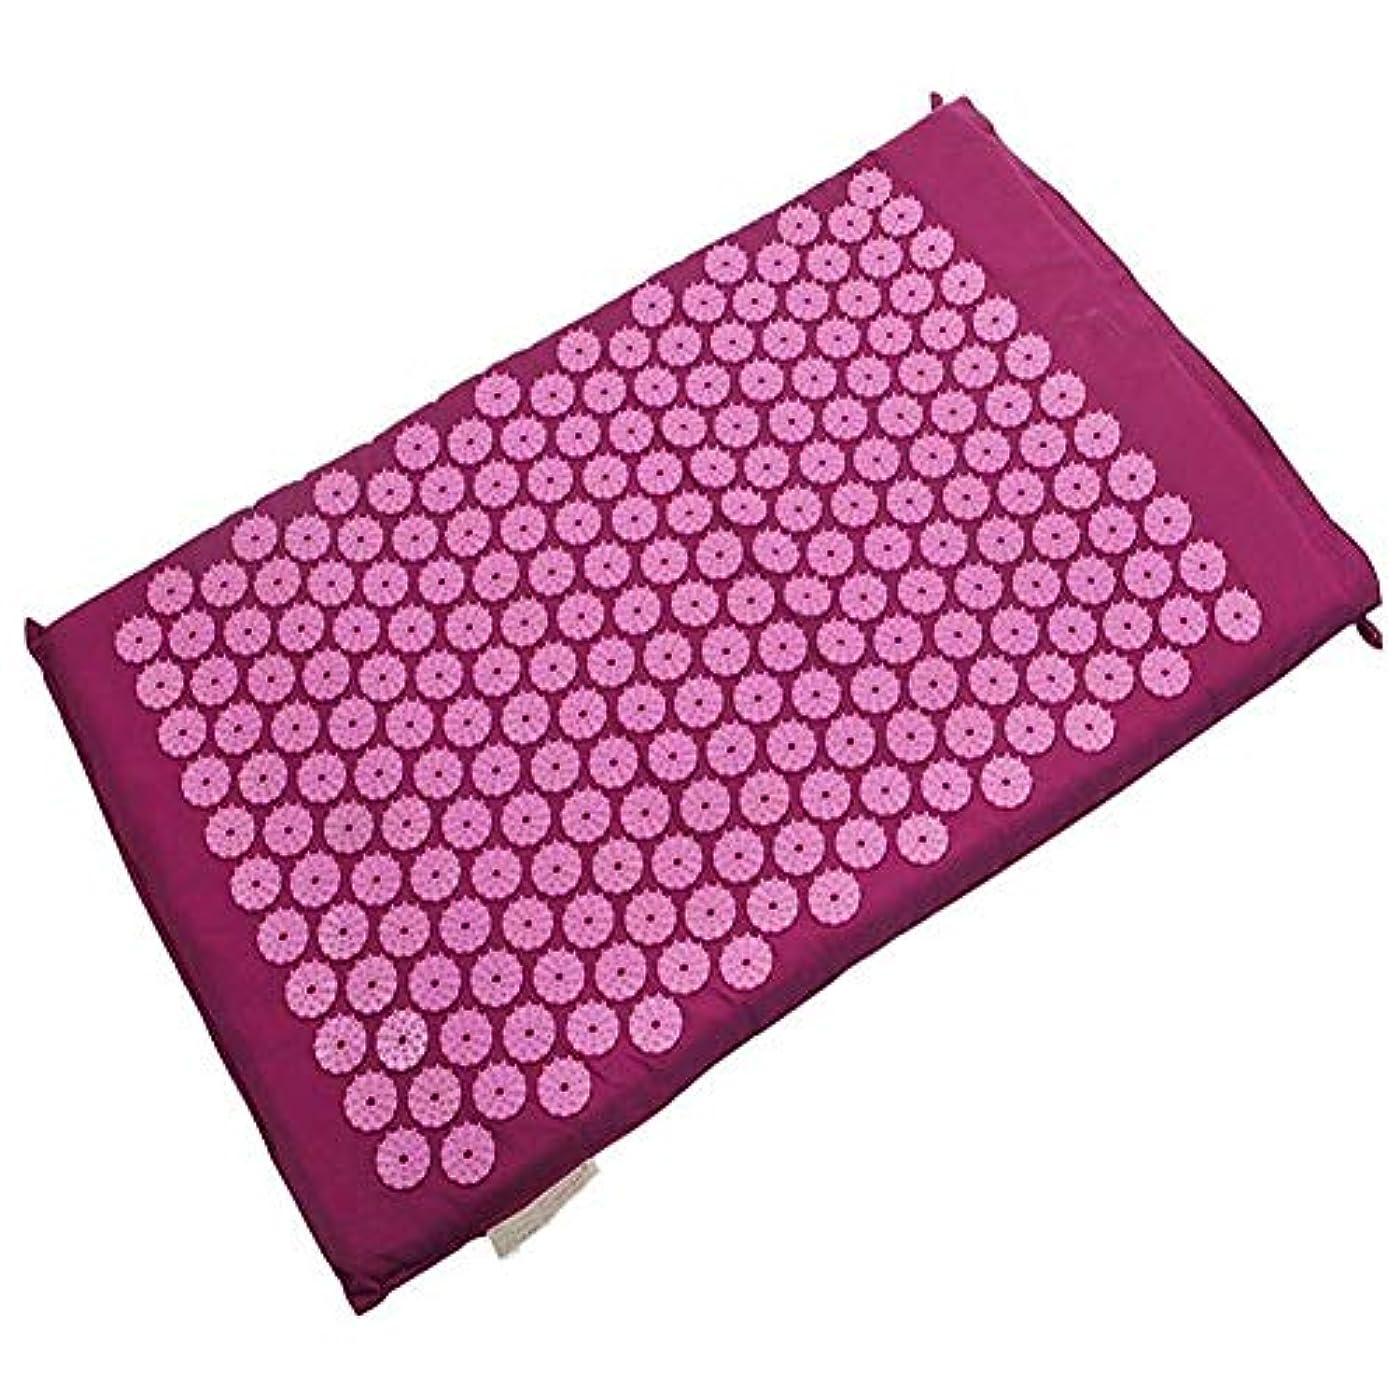 見分けるマイナークレデンシャル鍼massageマッサージヨガマット、オリジナルの指圧枕、首と肩のマッサージ、健康なだめるようなマッサージクッションマッサージクッション,Mat Purple(B)